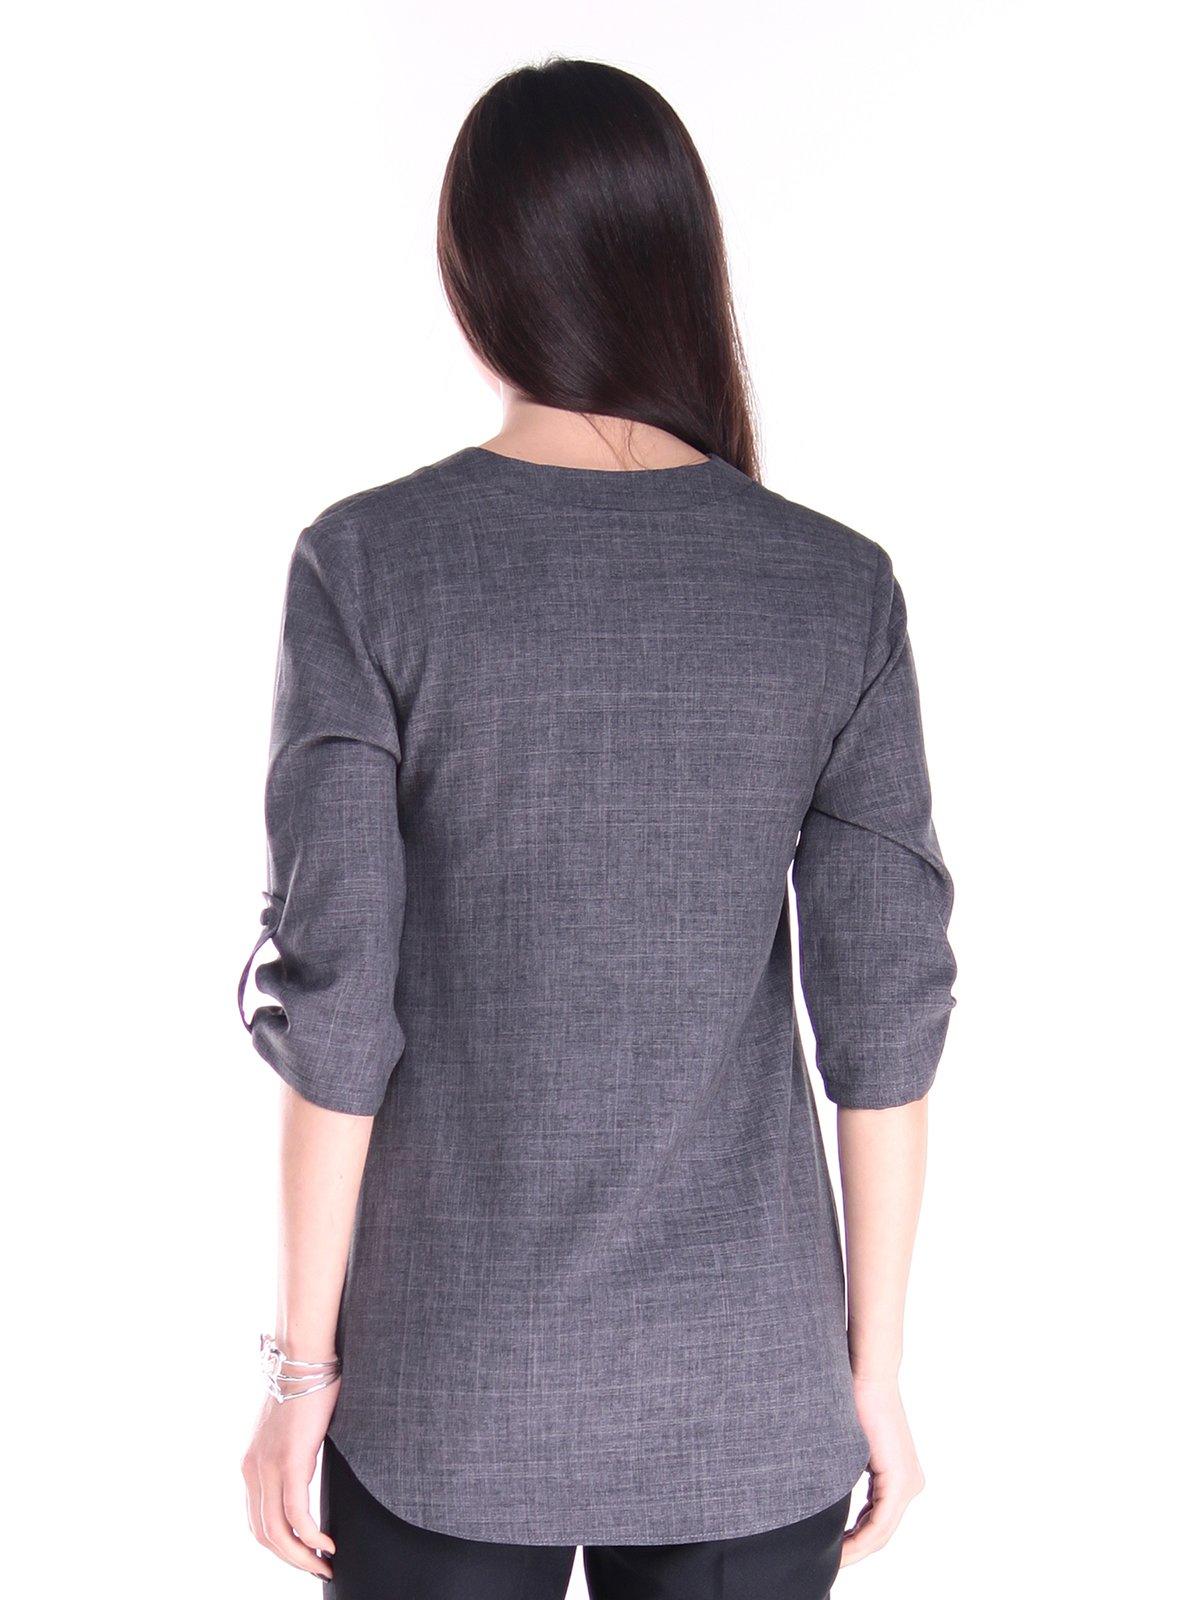 Блуза графитового цвета | 2917811 | фото 2